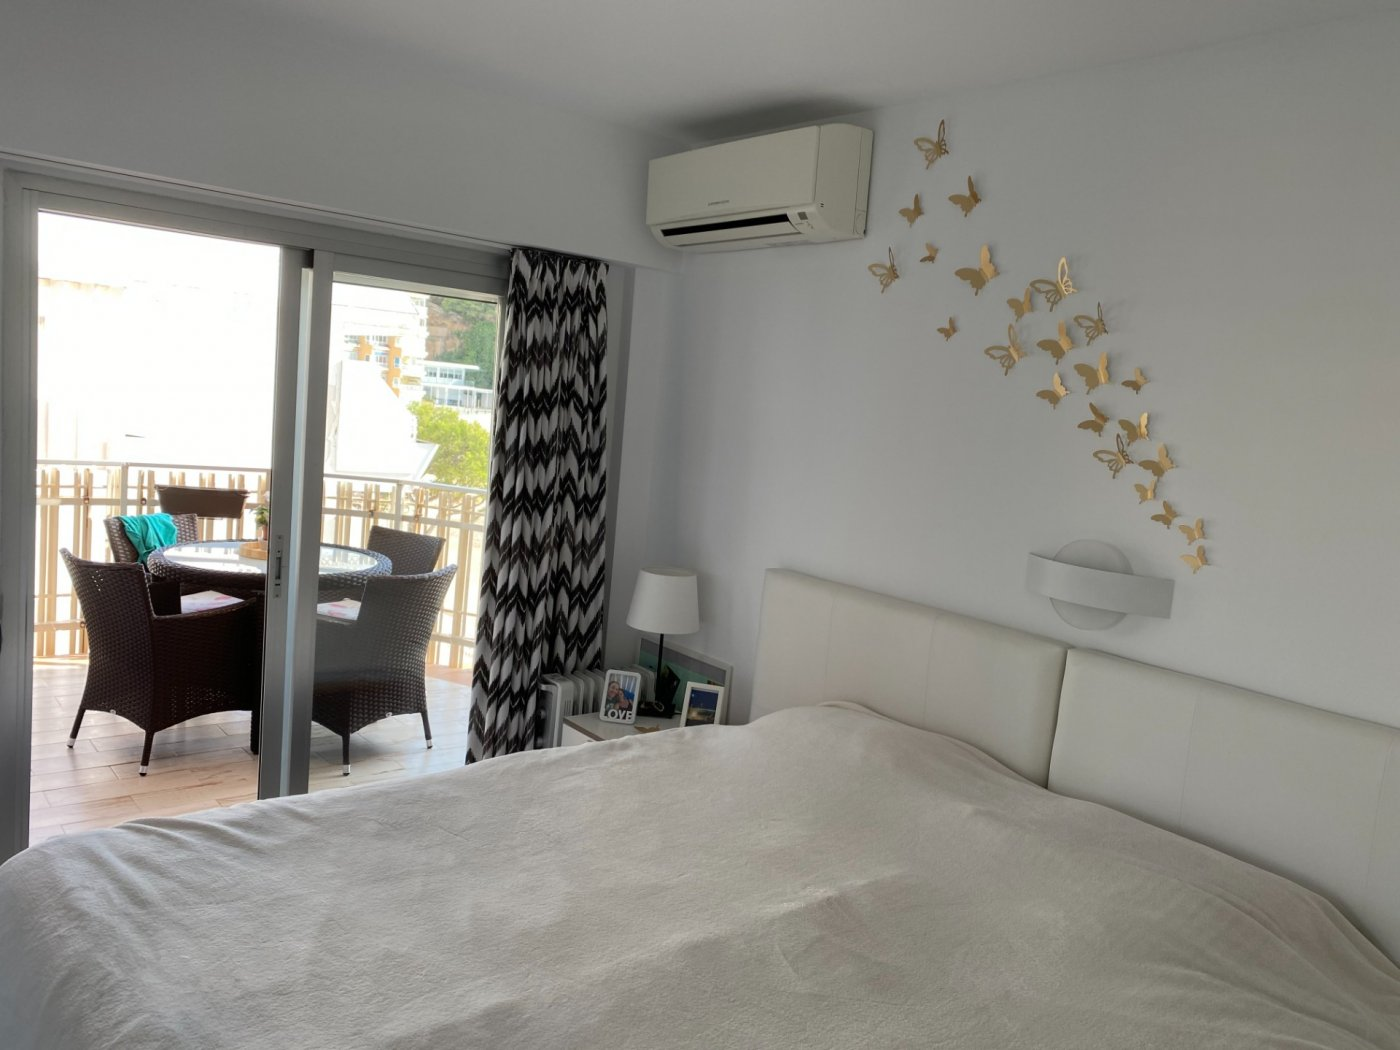 Alquiler con opcion de compra!espectacular apartamento con vistas al mar y parking propio - imagenInmueble14